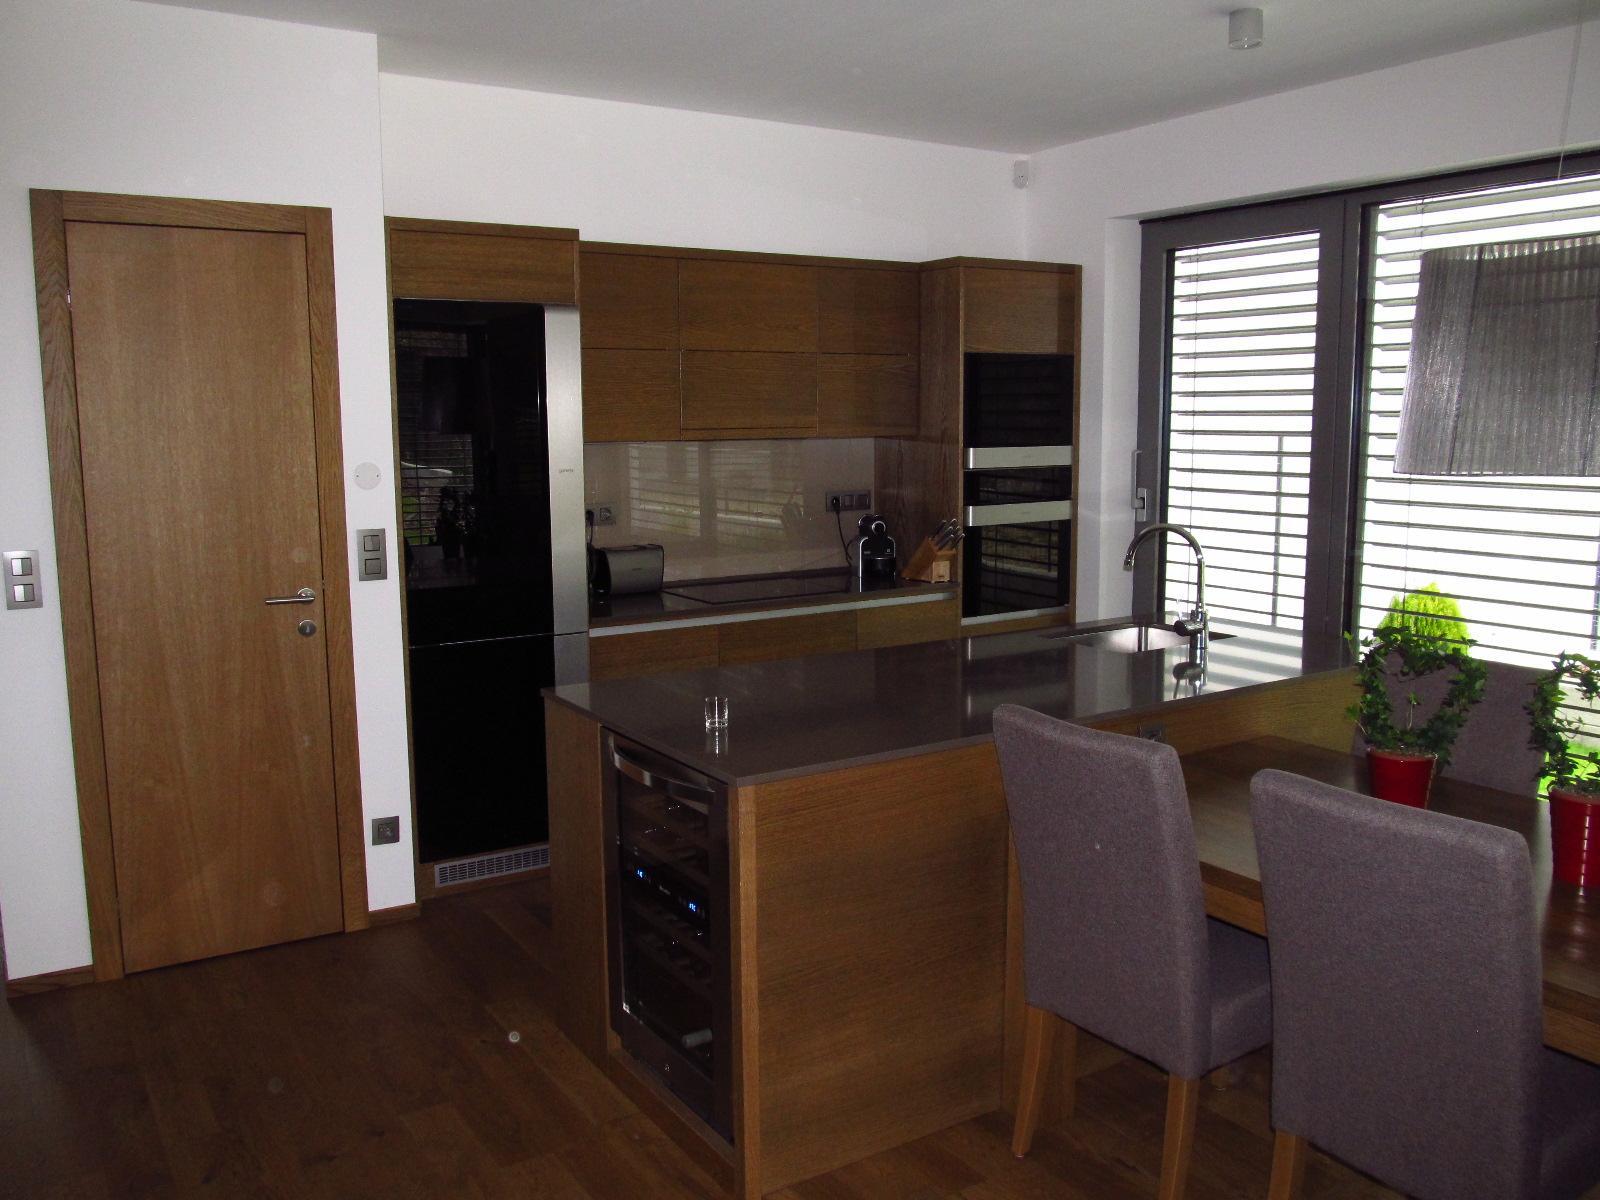 Takto bude vyzerať naša kuchyňa :) - Obrázok č. 4